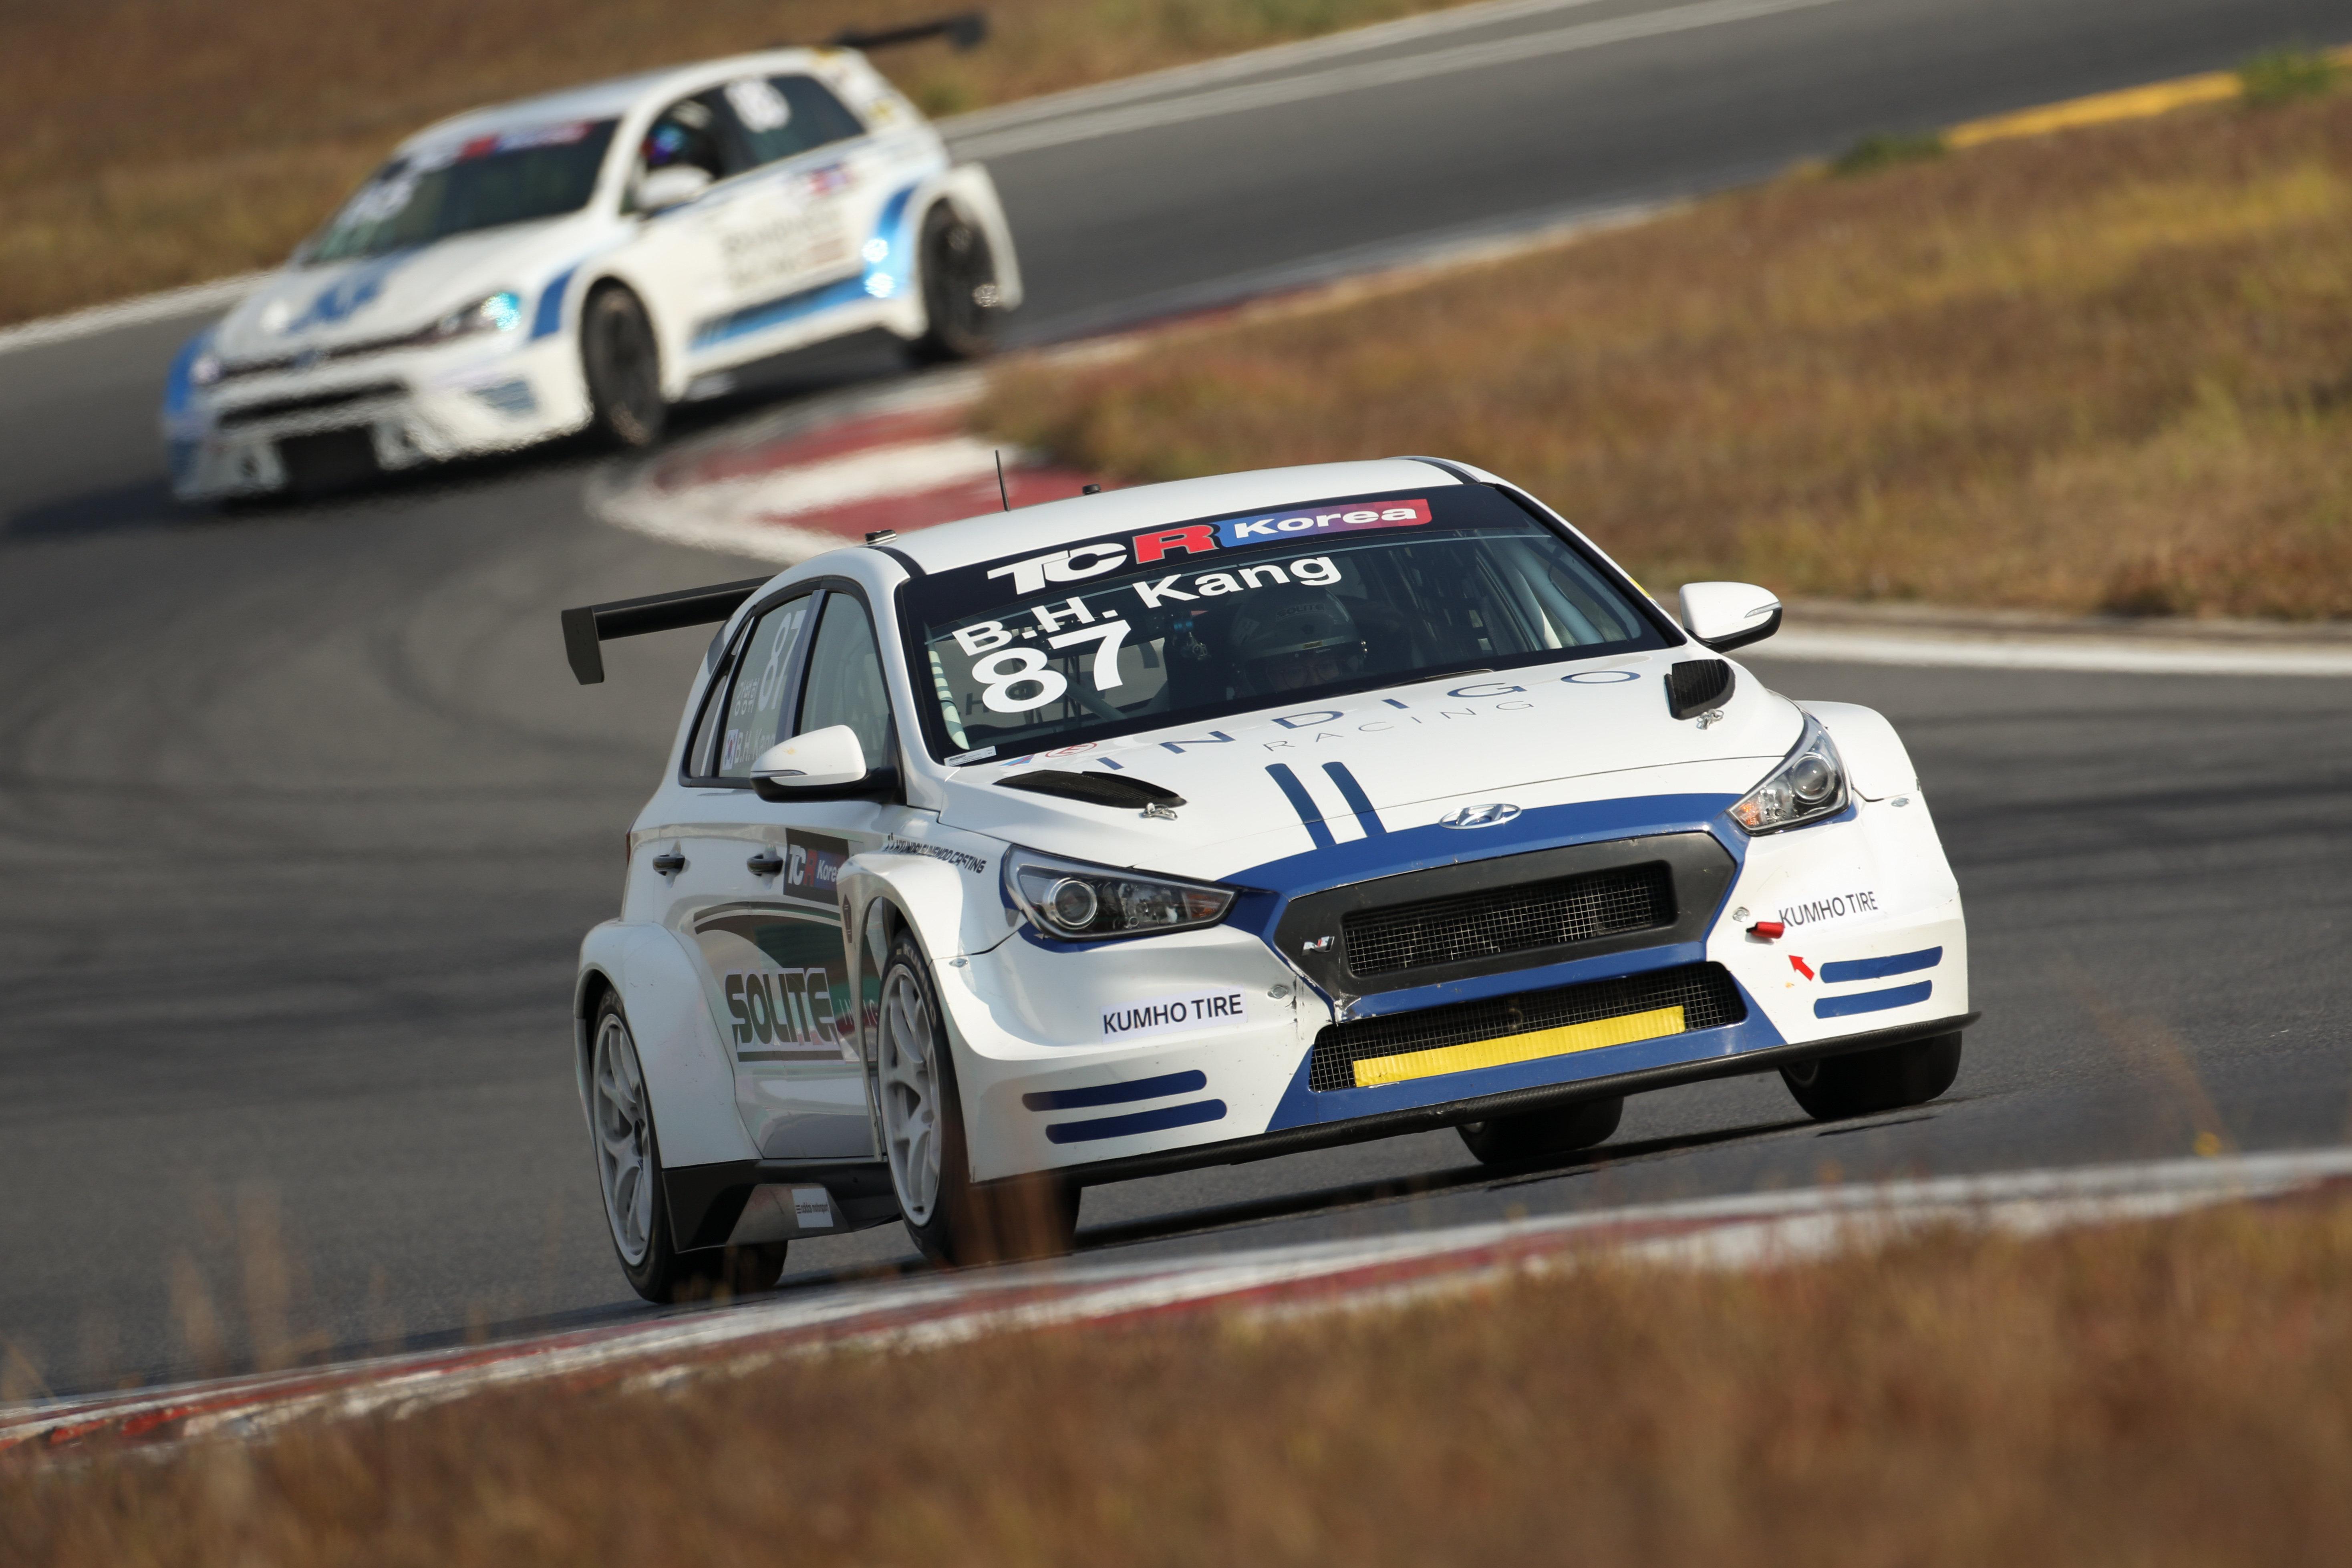 Byung-Hui Kang - i30 N TCR - Korea International Circuit